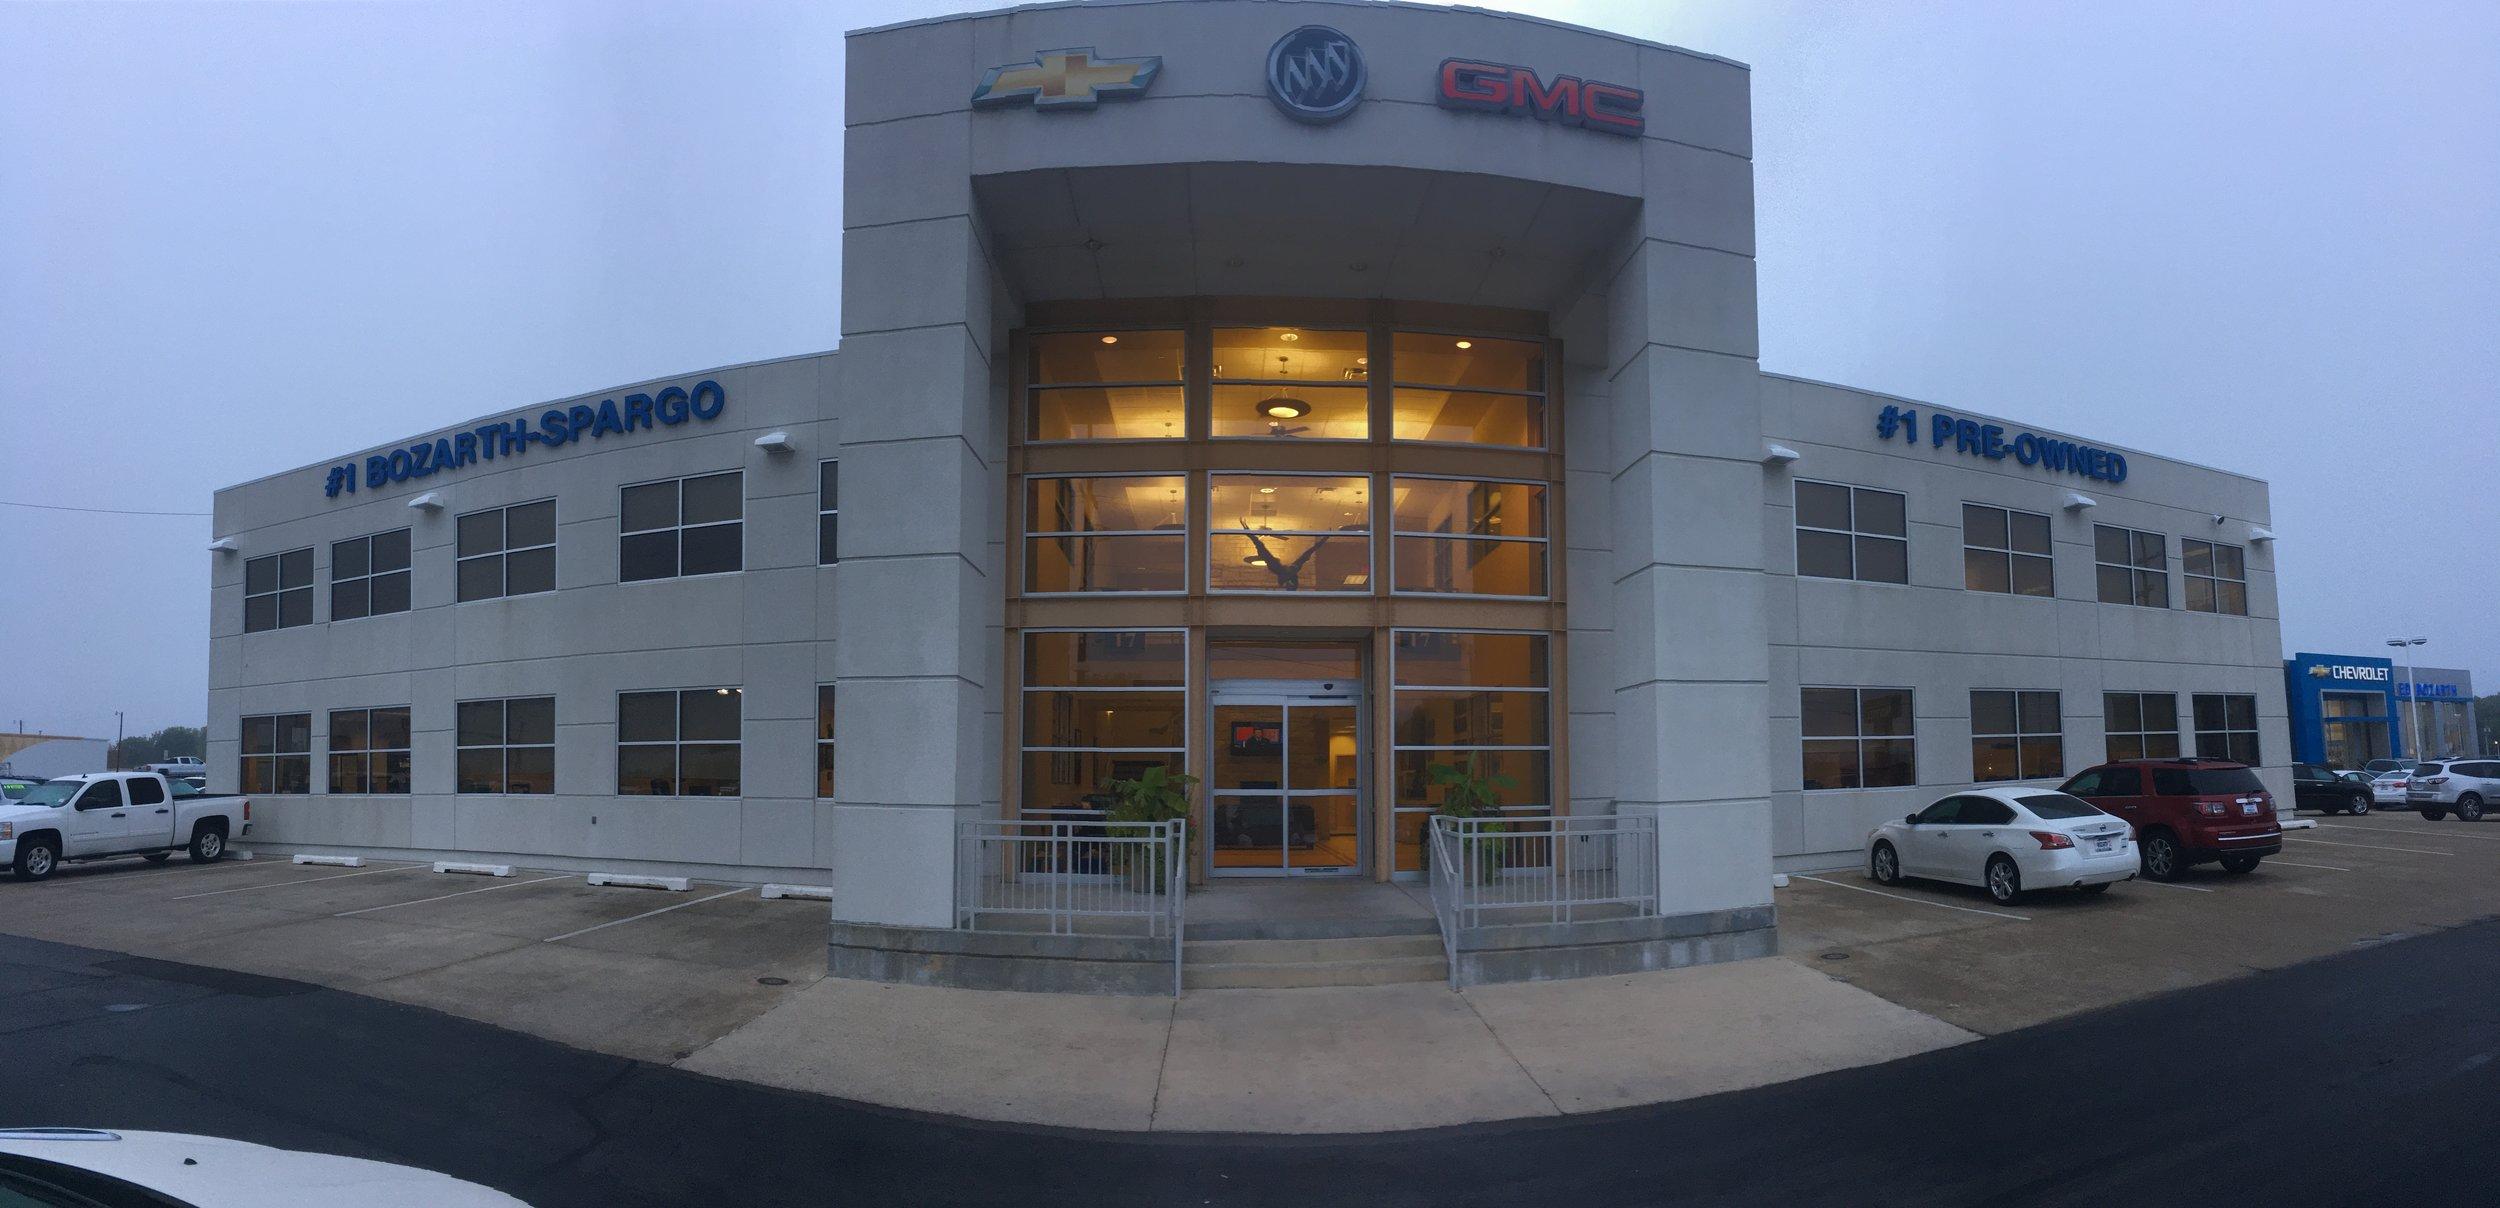 Ed Bozarth Pre-Owned Facility   Client: Ed Bozarth Automotive Architect: Architect One P.A.